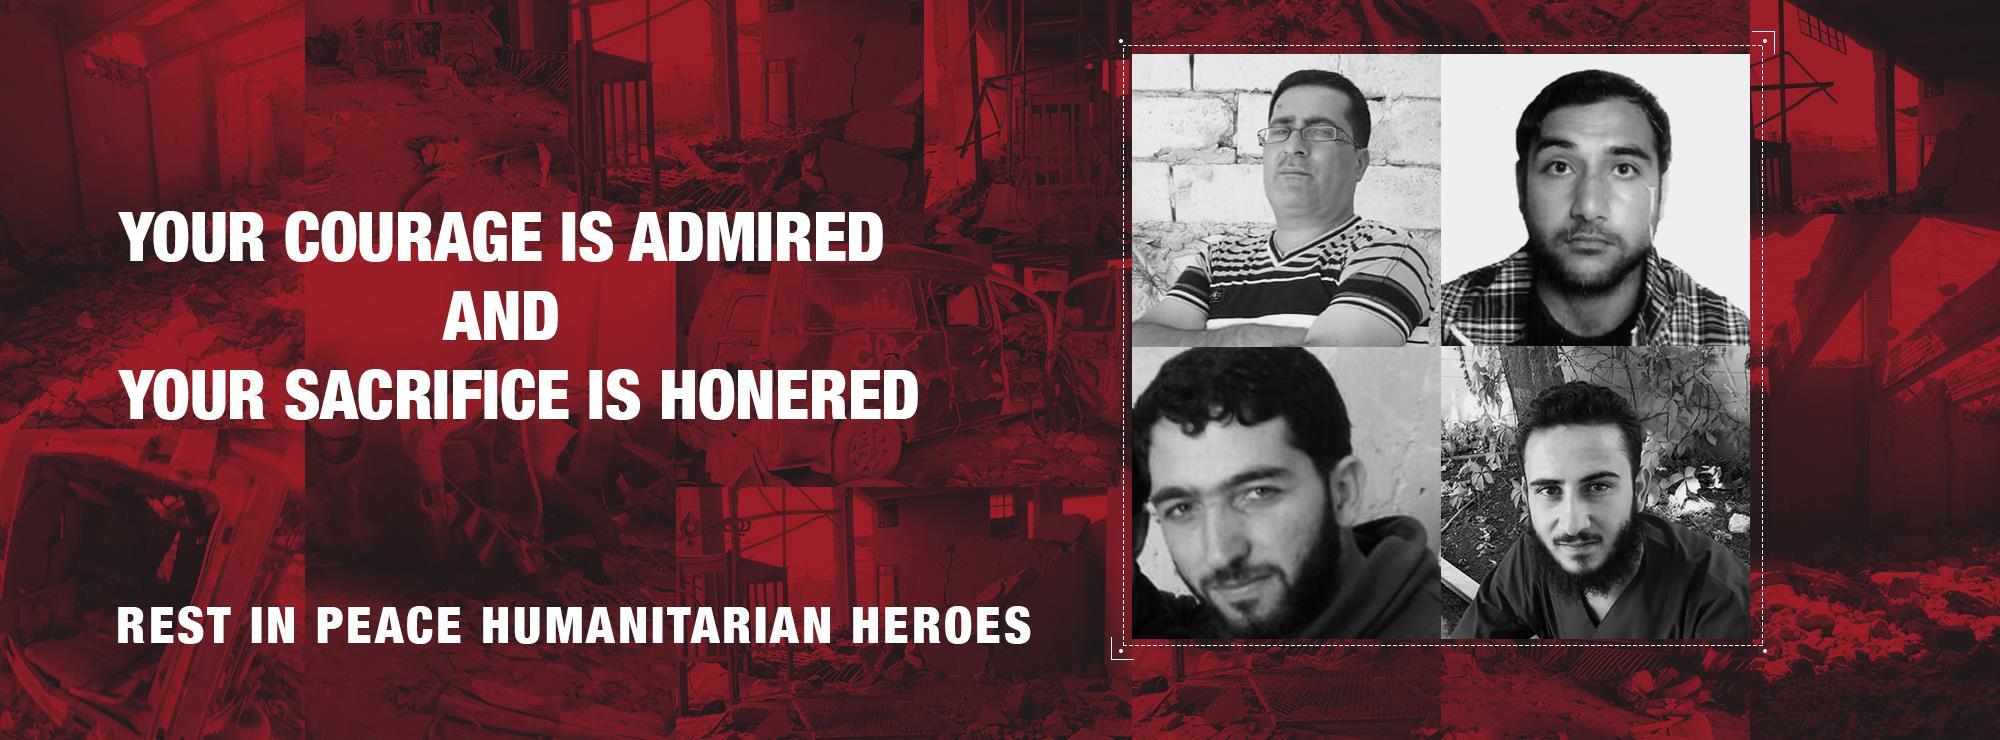 Airstrike_Kills_4_Aid_Workers_Of_Europe_Based_NGO_in_Syria.jpg